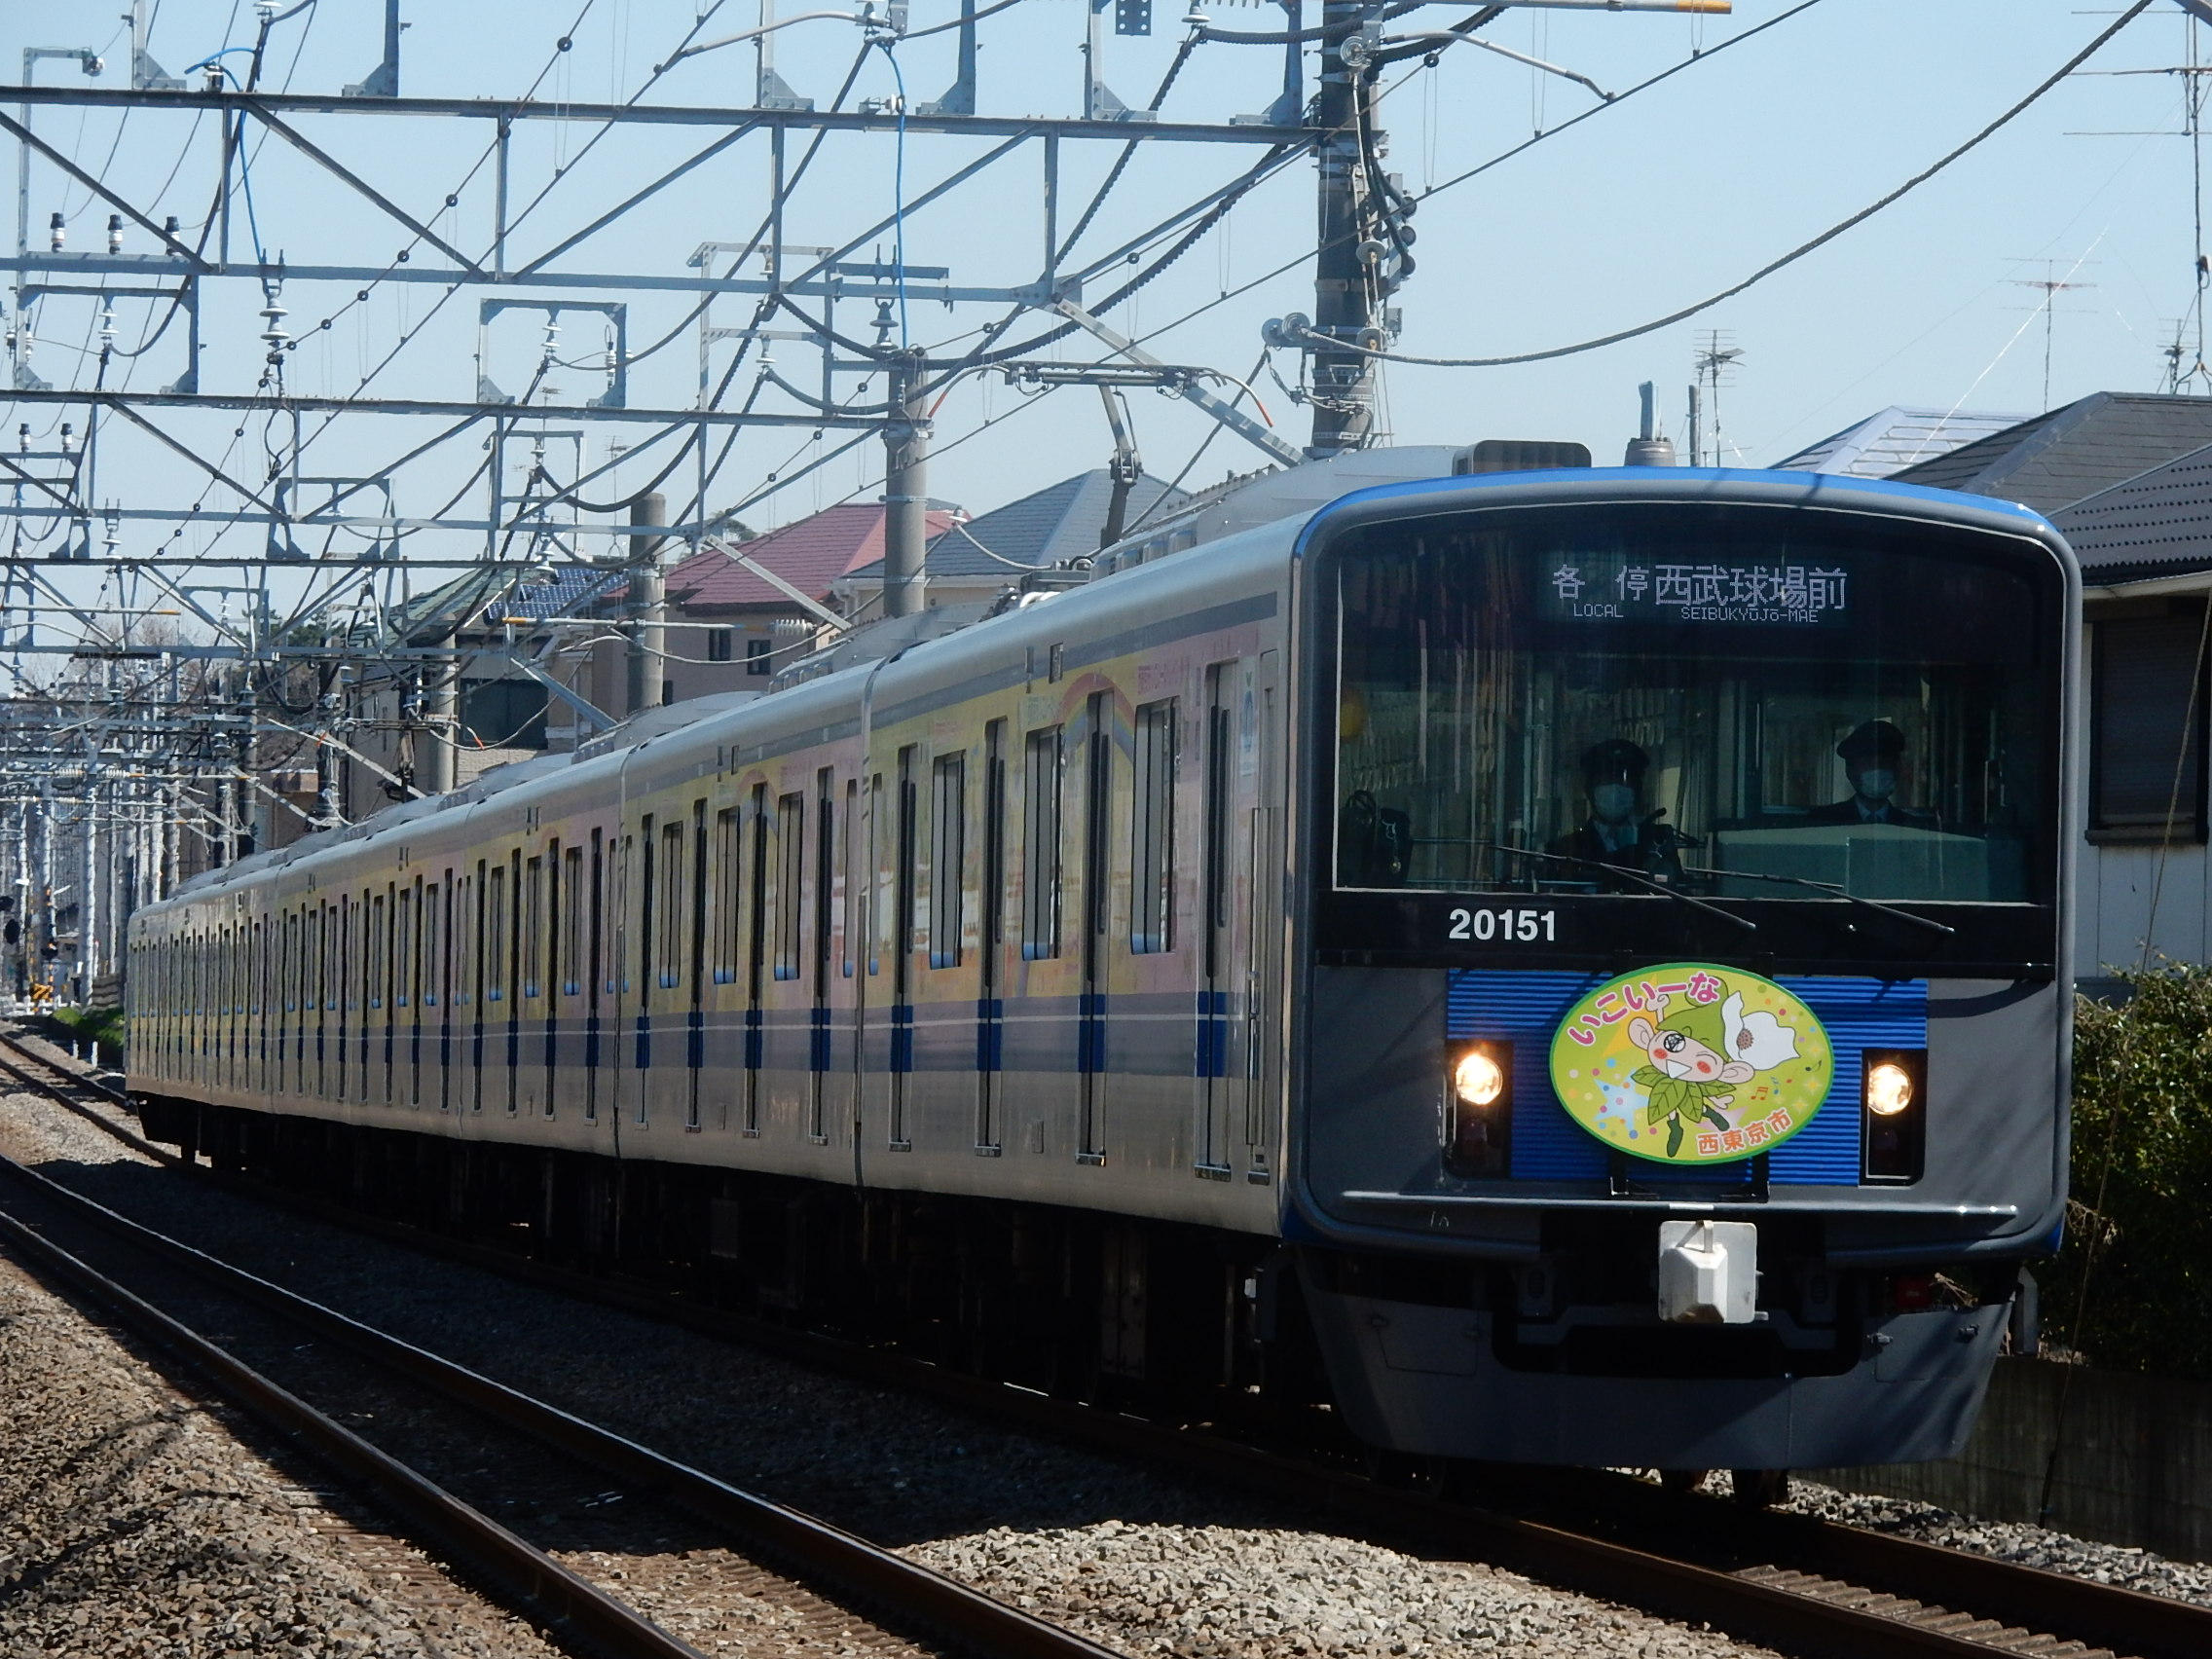 DSCN4872.jpg